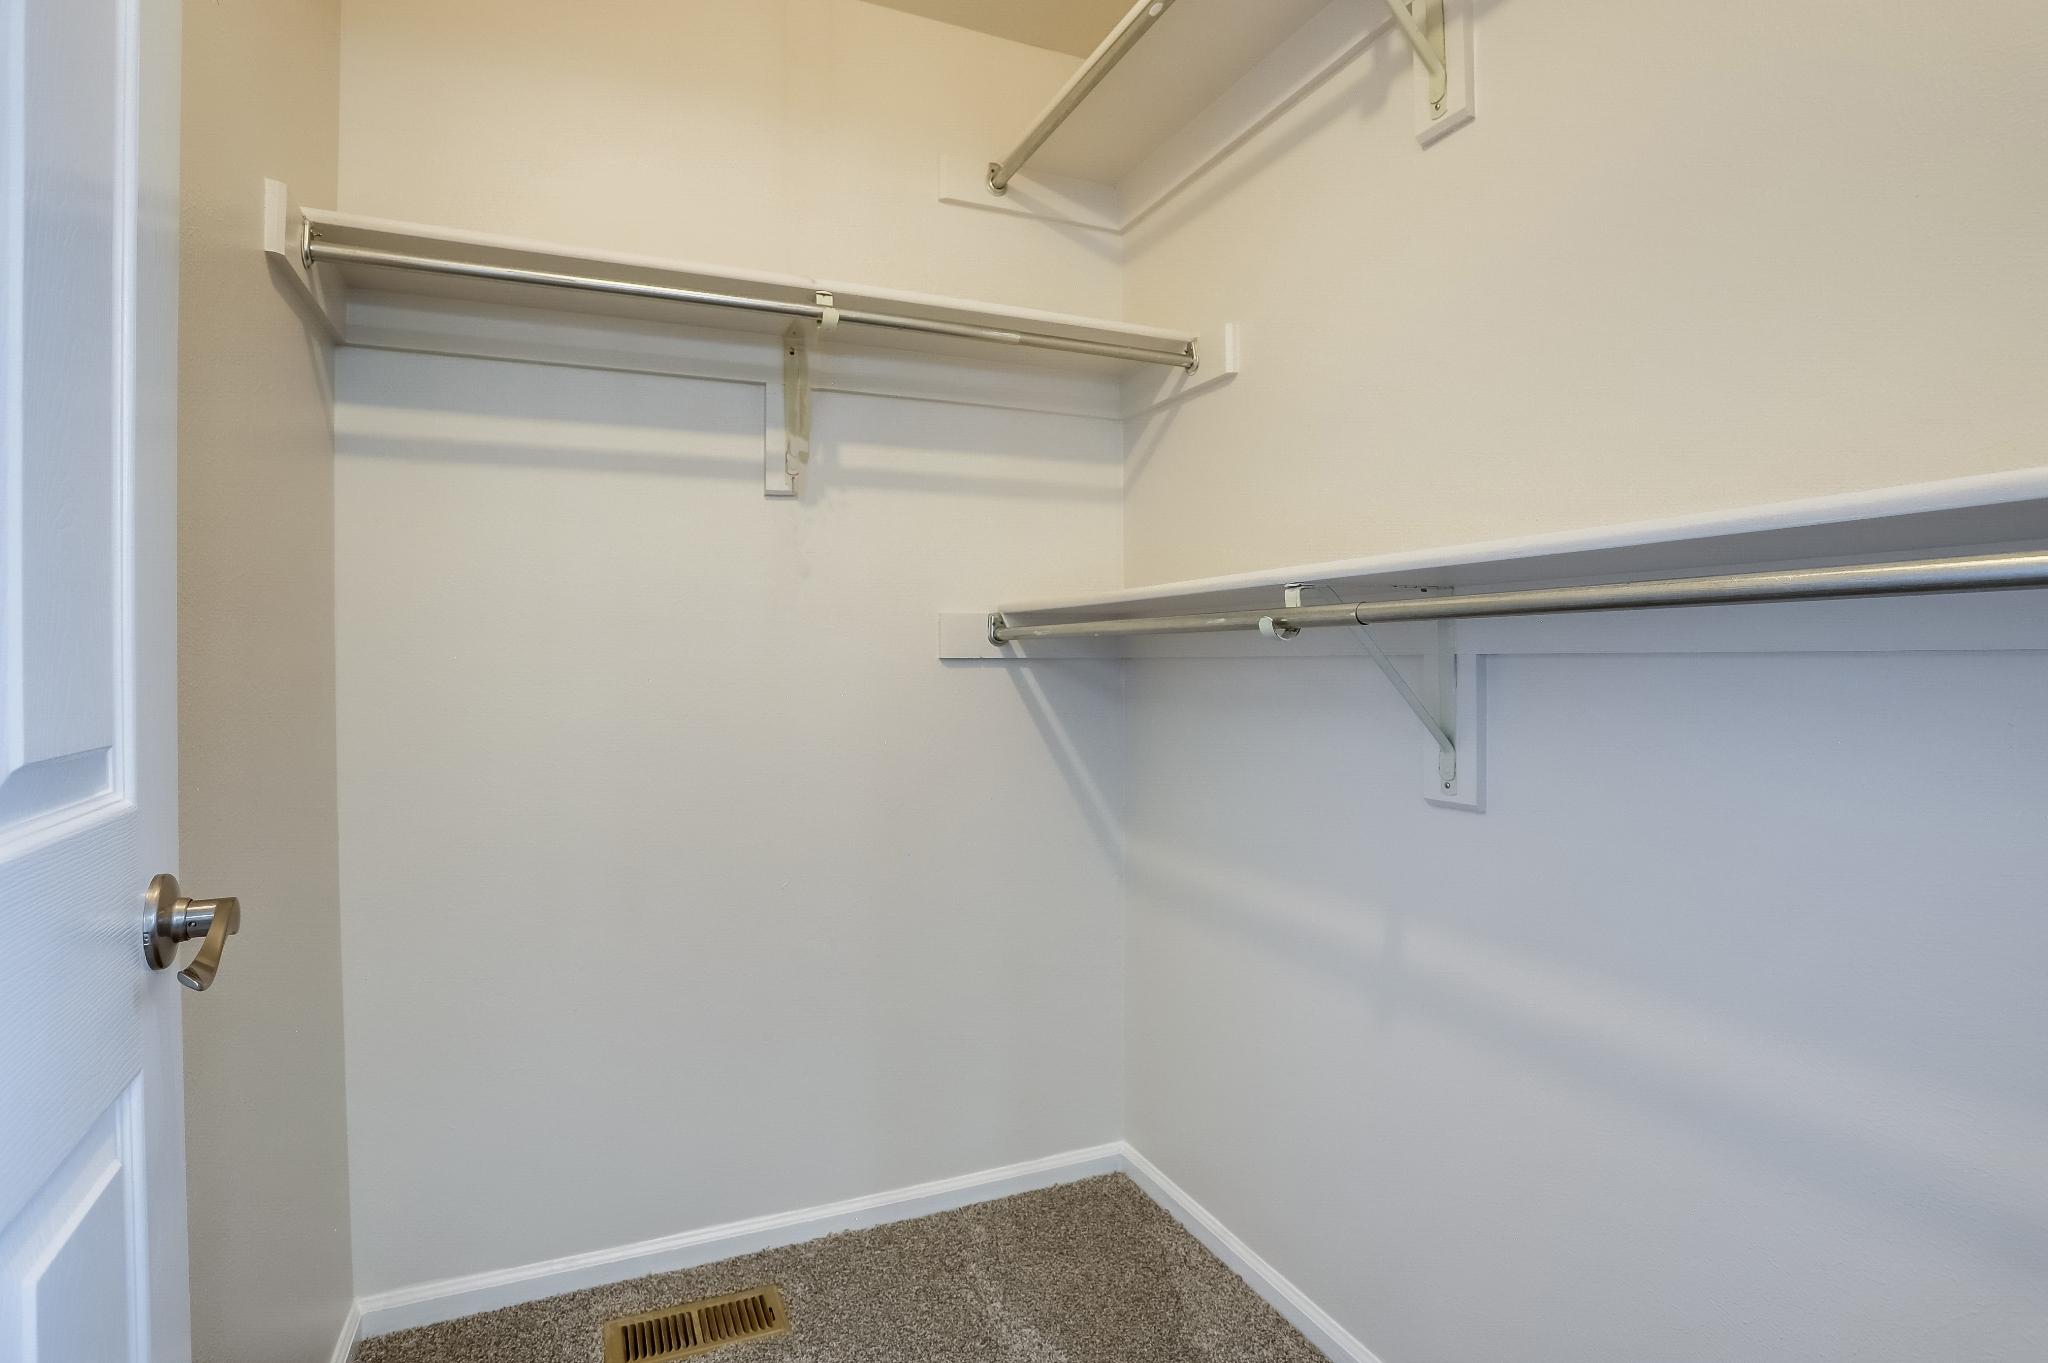 REAL ESTATE LISTING: 4421 Eugene Way Denver Master Bedroom Closet